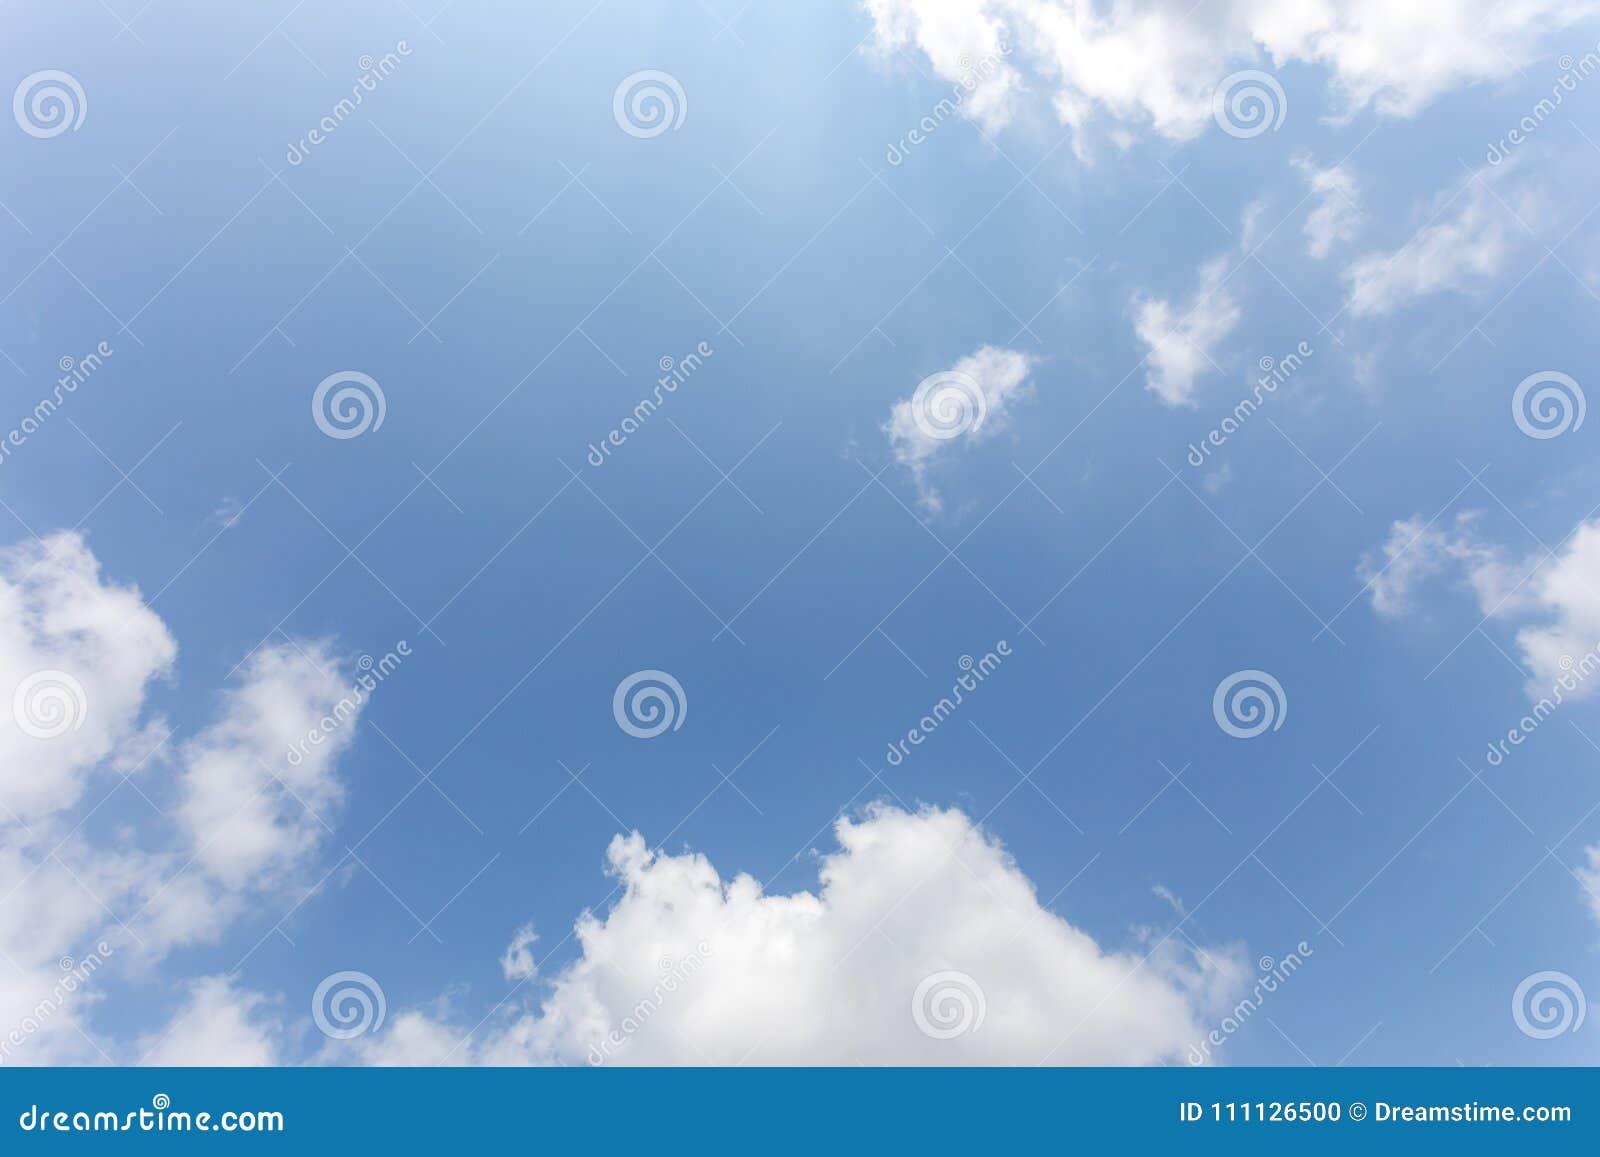 Hintergrund des blauen Himmels mit Wolken, Hintergrundhimmel